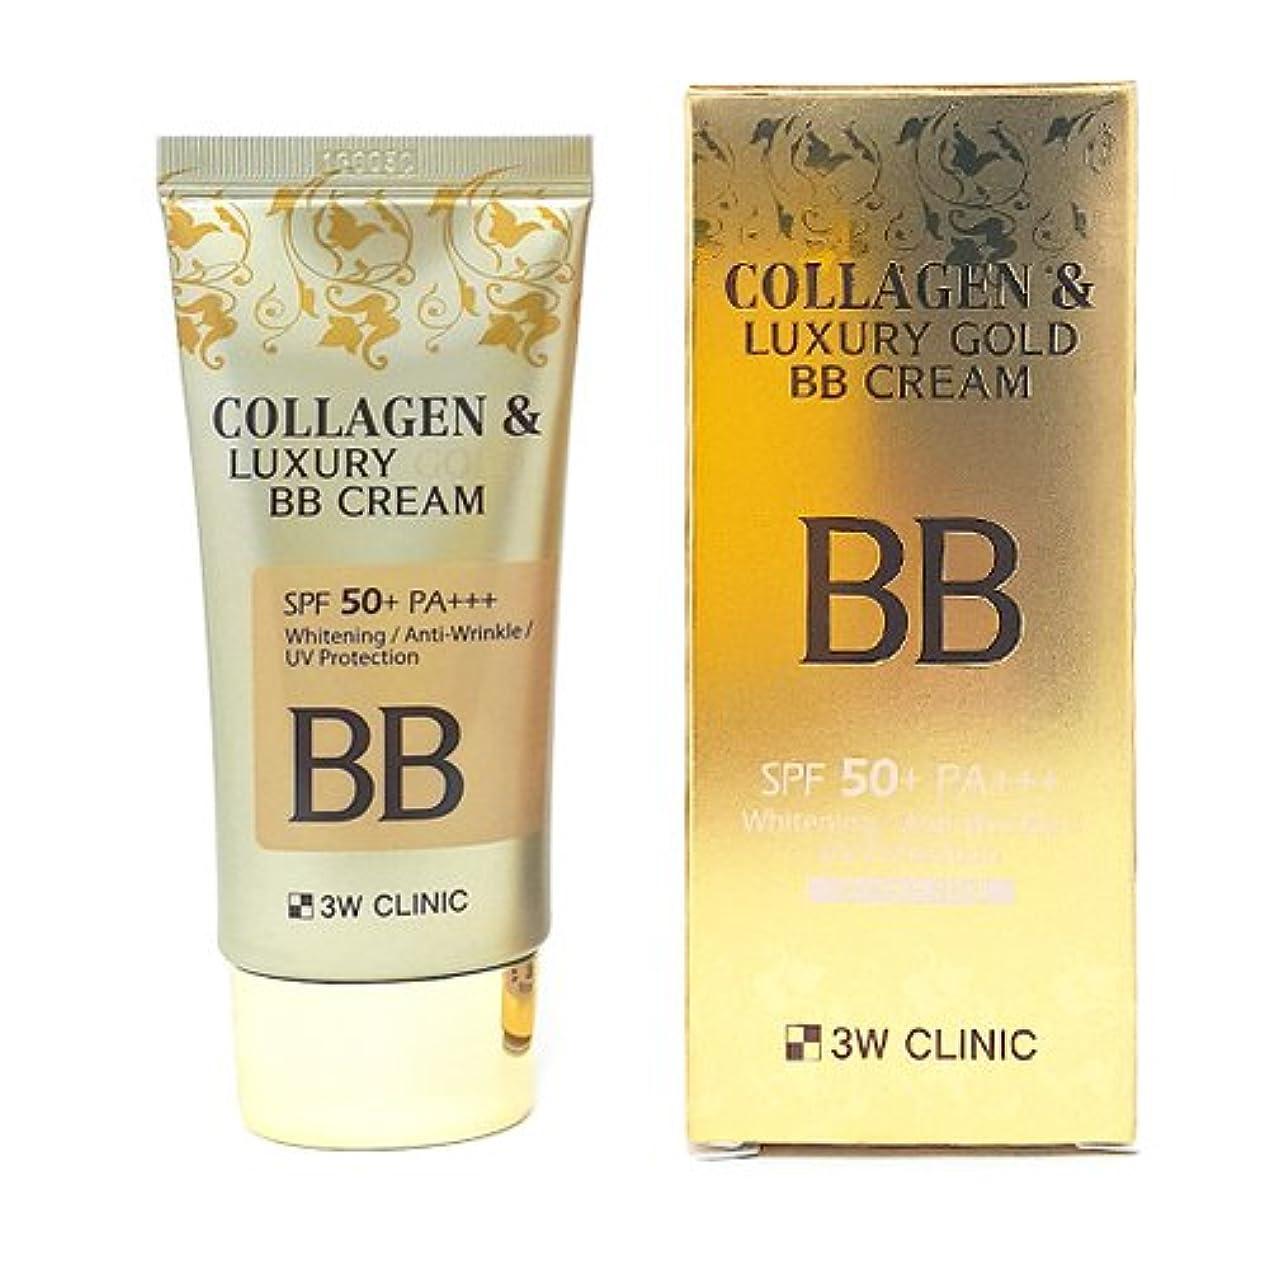 味方雄弁ご予約3Wクリニック[韓国コスメ3w Clinic]Collagen & Luxury Gold BB Cream コラーゲンラグジュアリーゴールド BBクリーム50ml 50+/PA+++[並行輸入品]